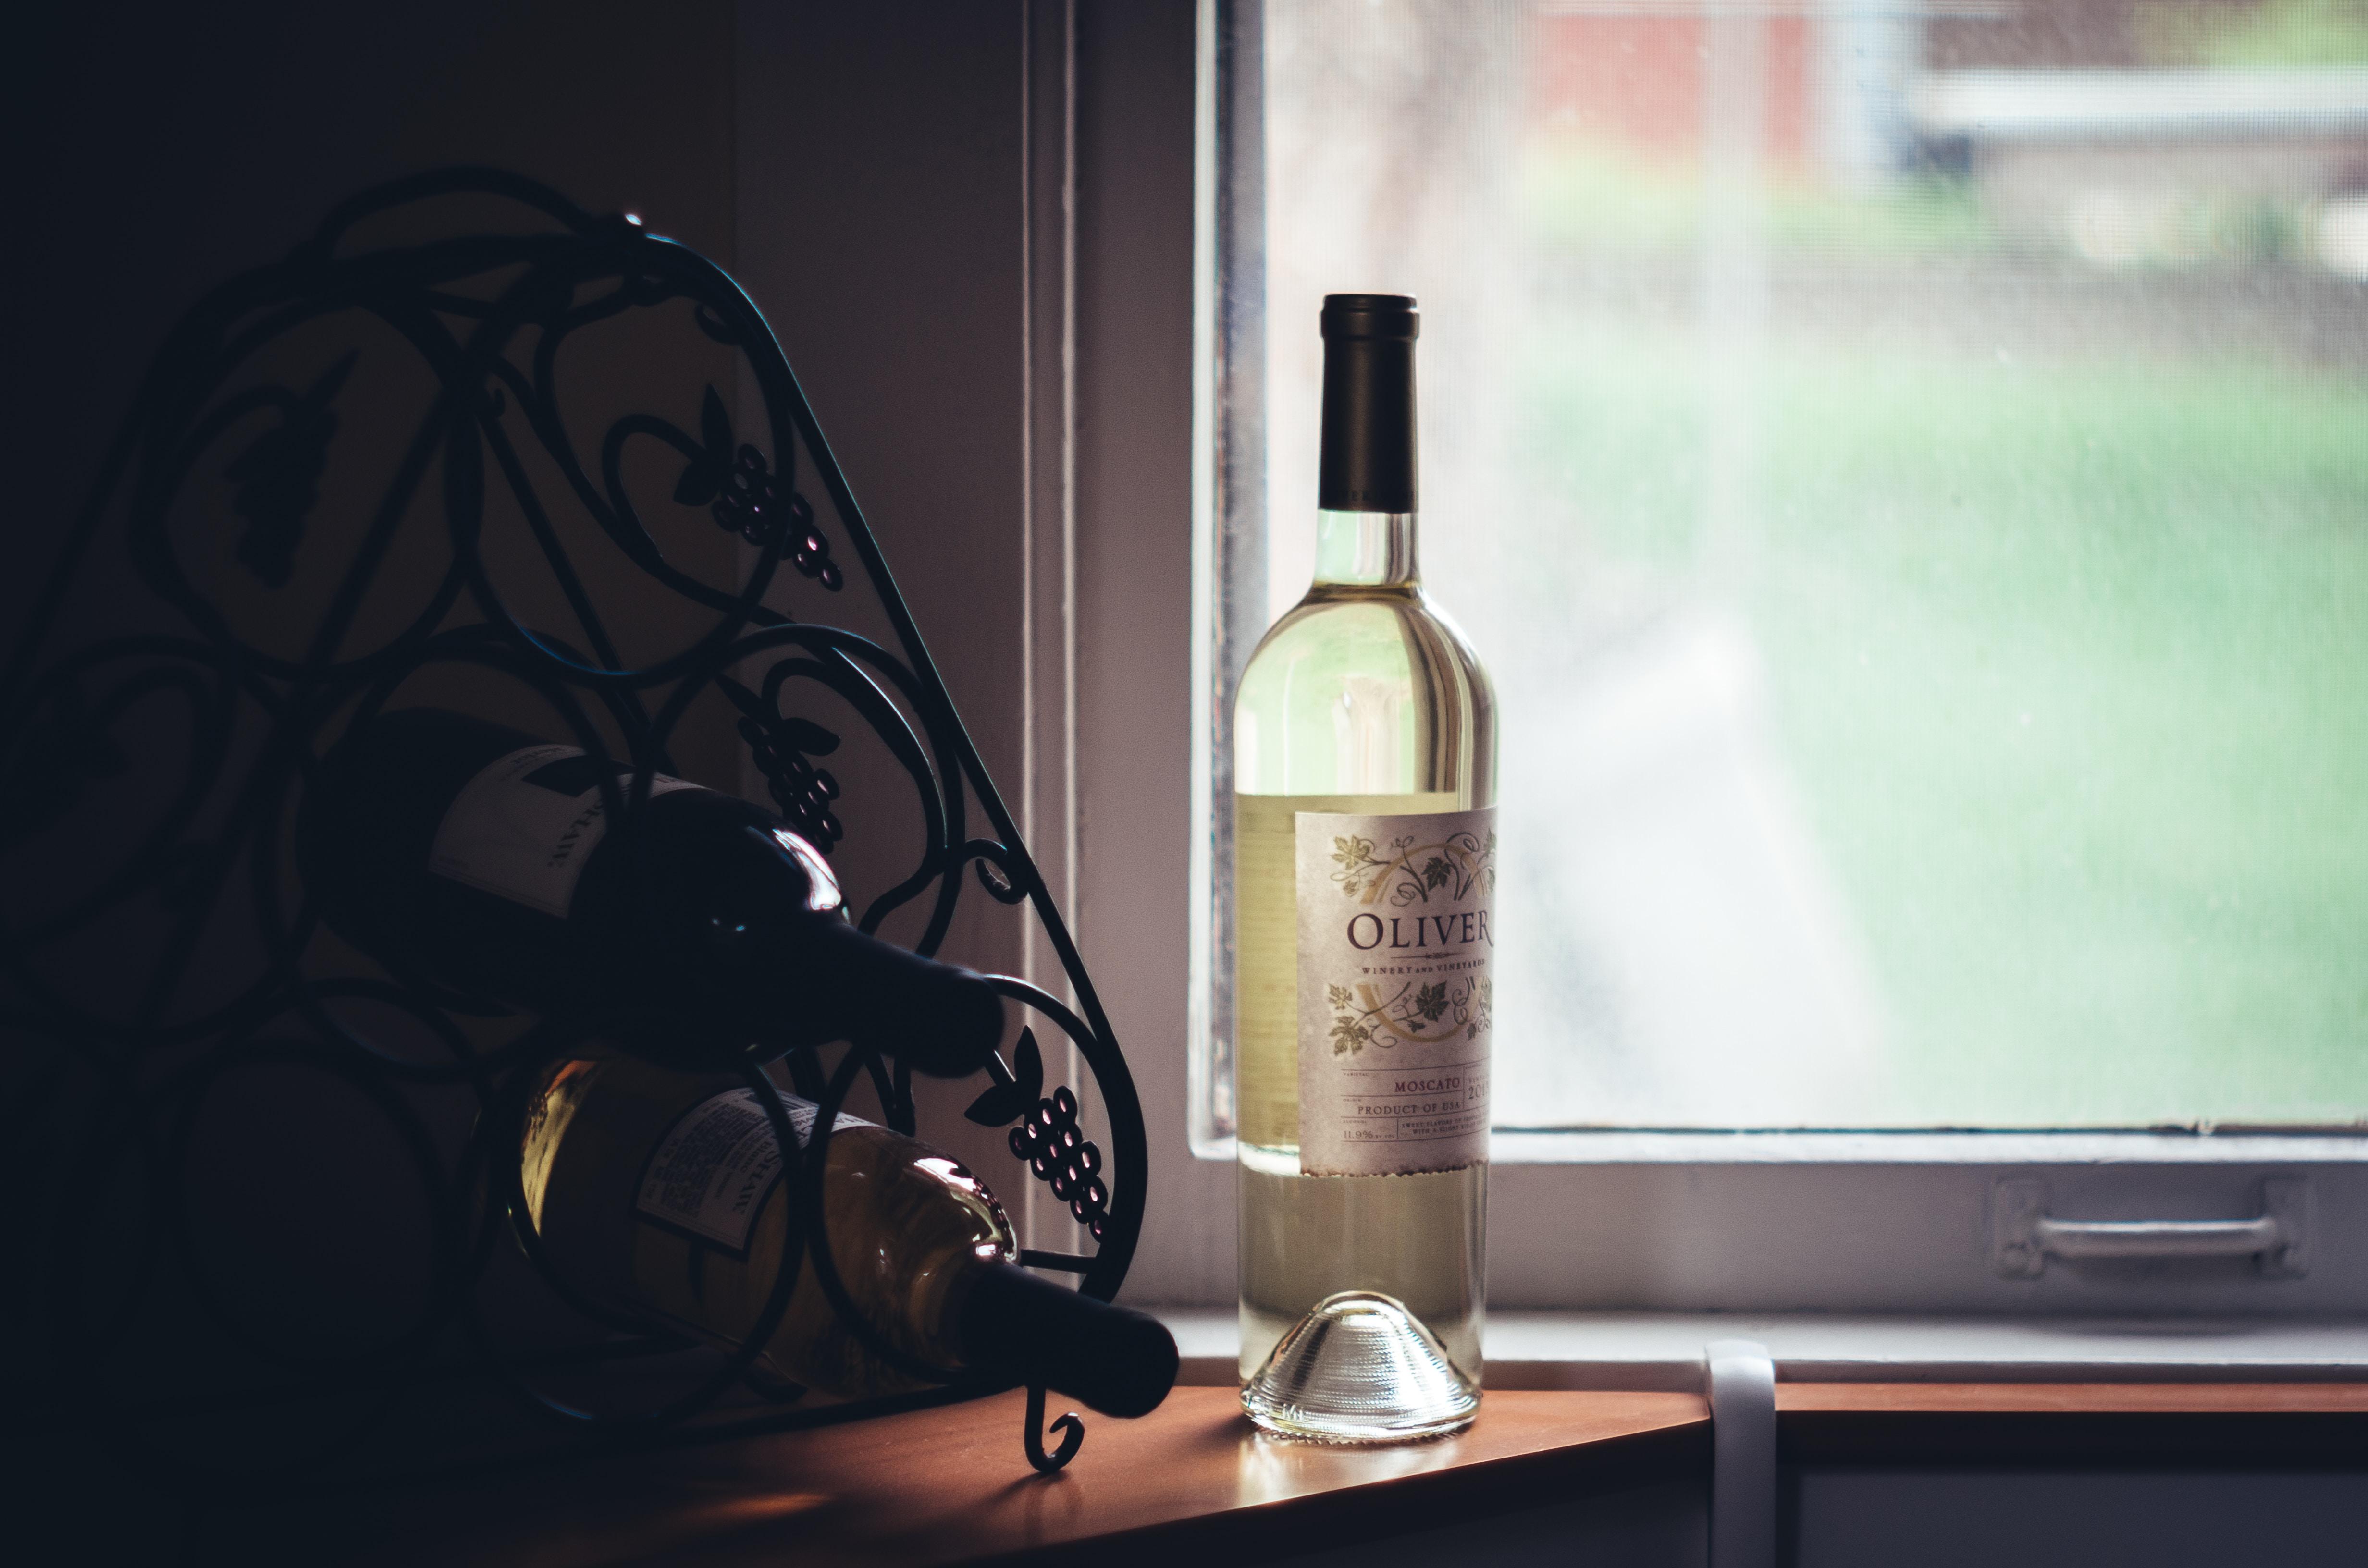 clear glass bottle near window